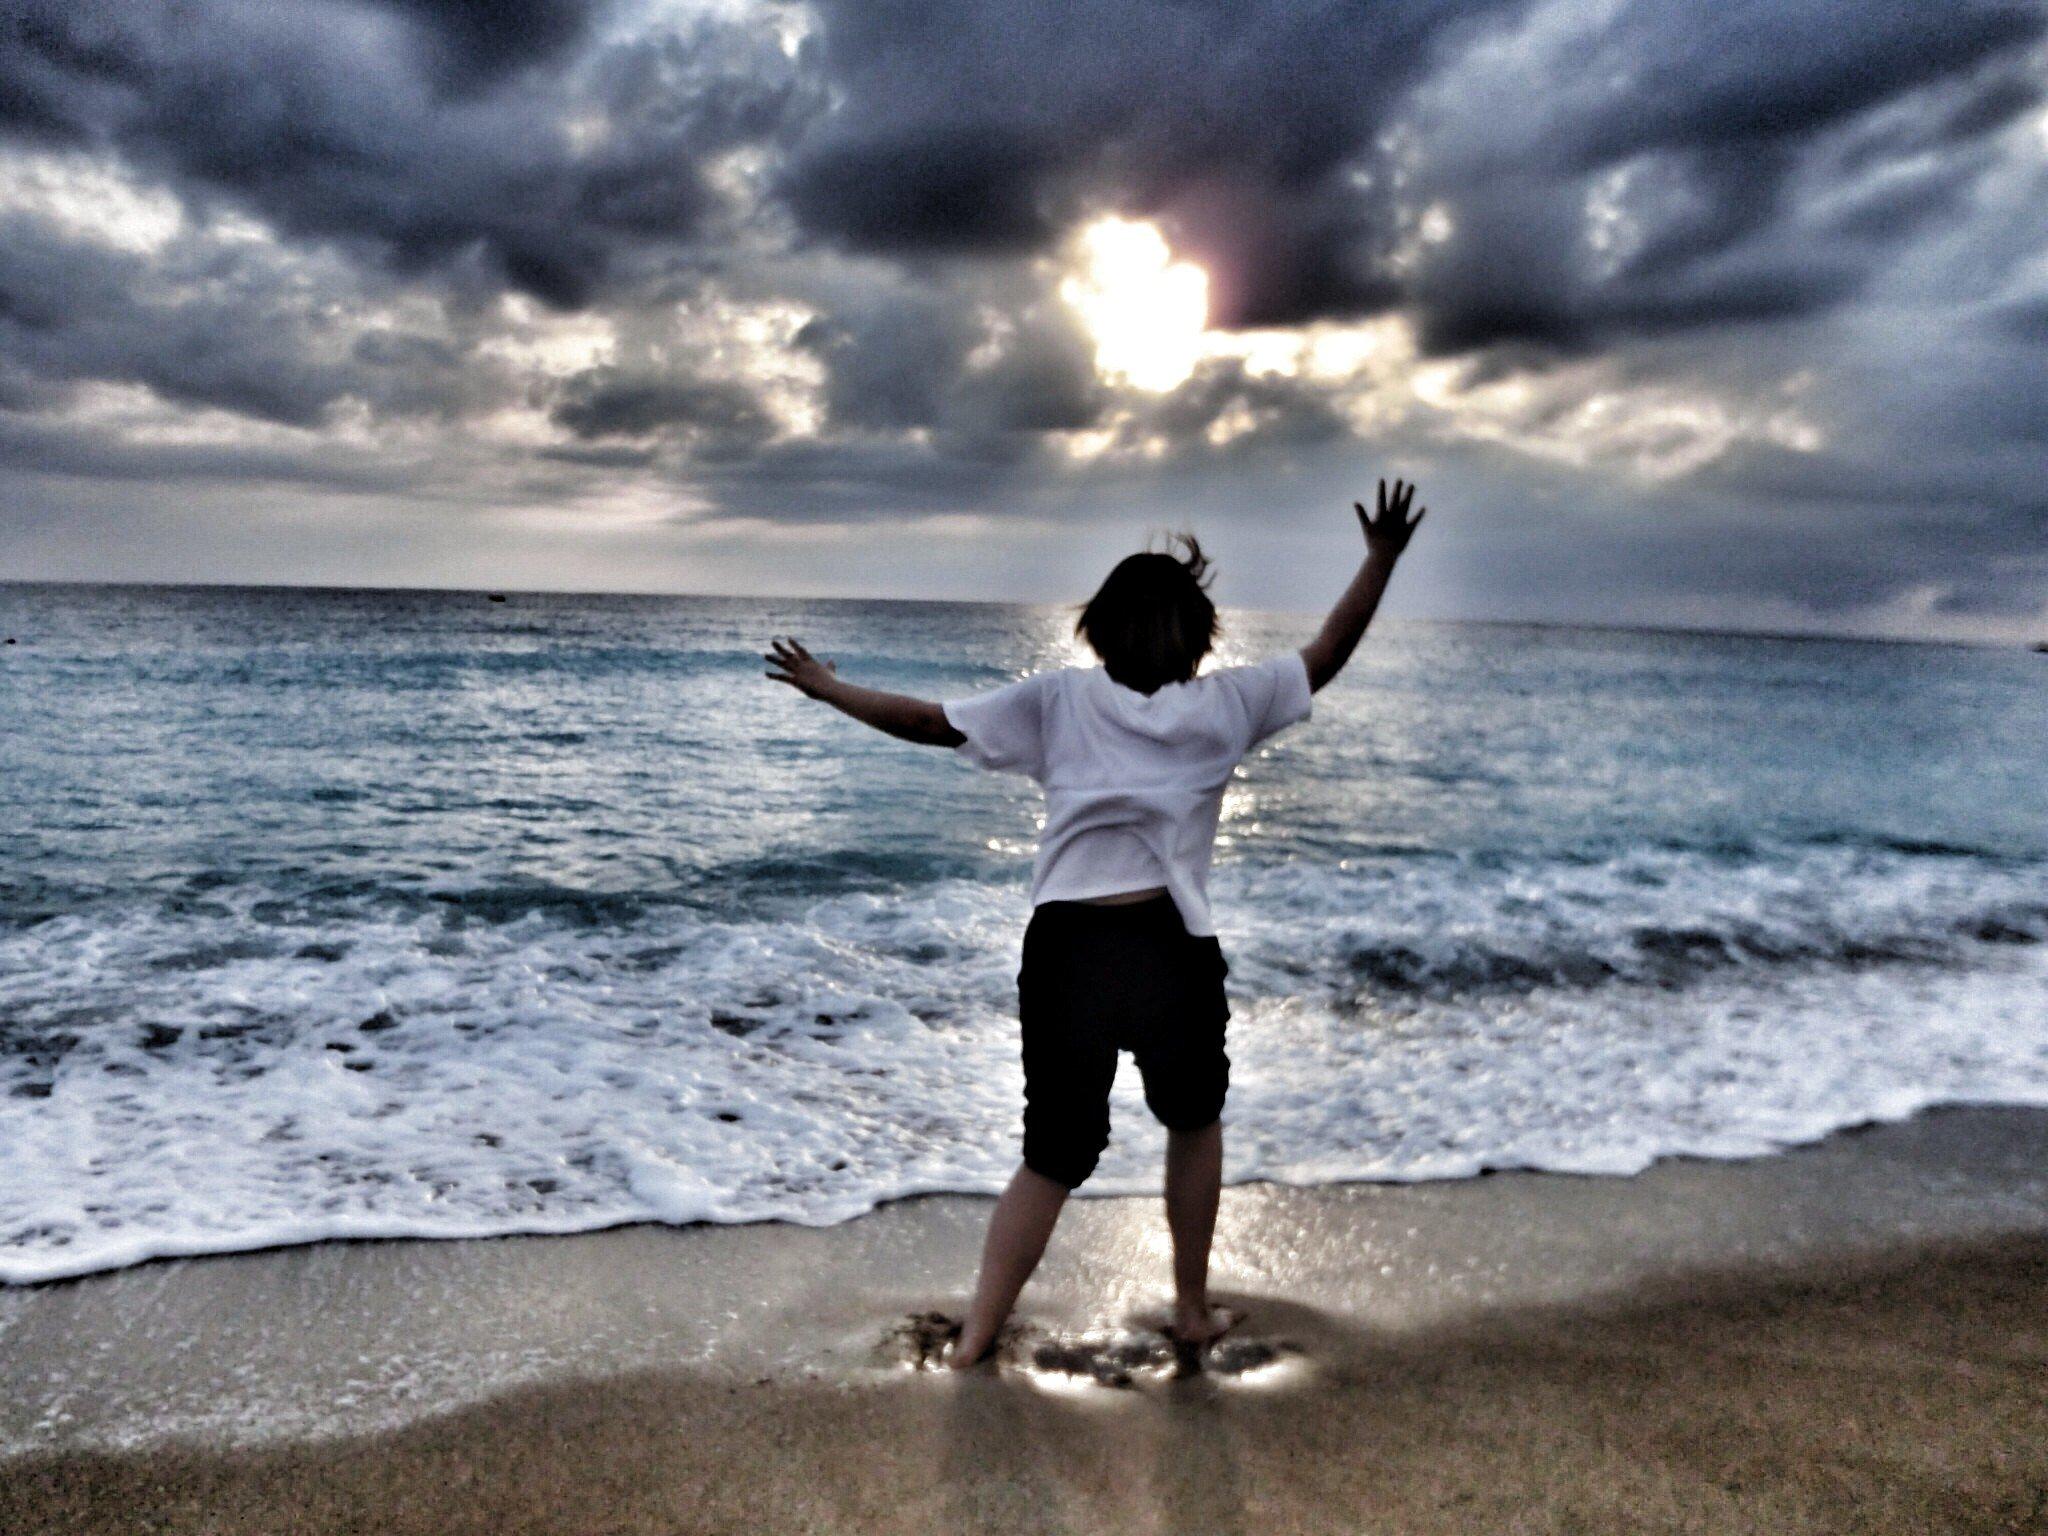 宜昌自由行游记八日海量-a游记嗲化你的心攻略万州到台湾自驾游攻略图片